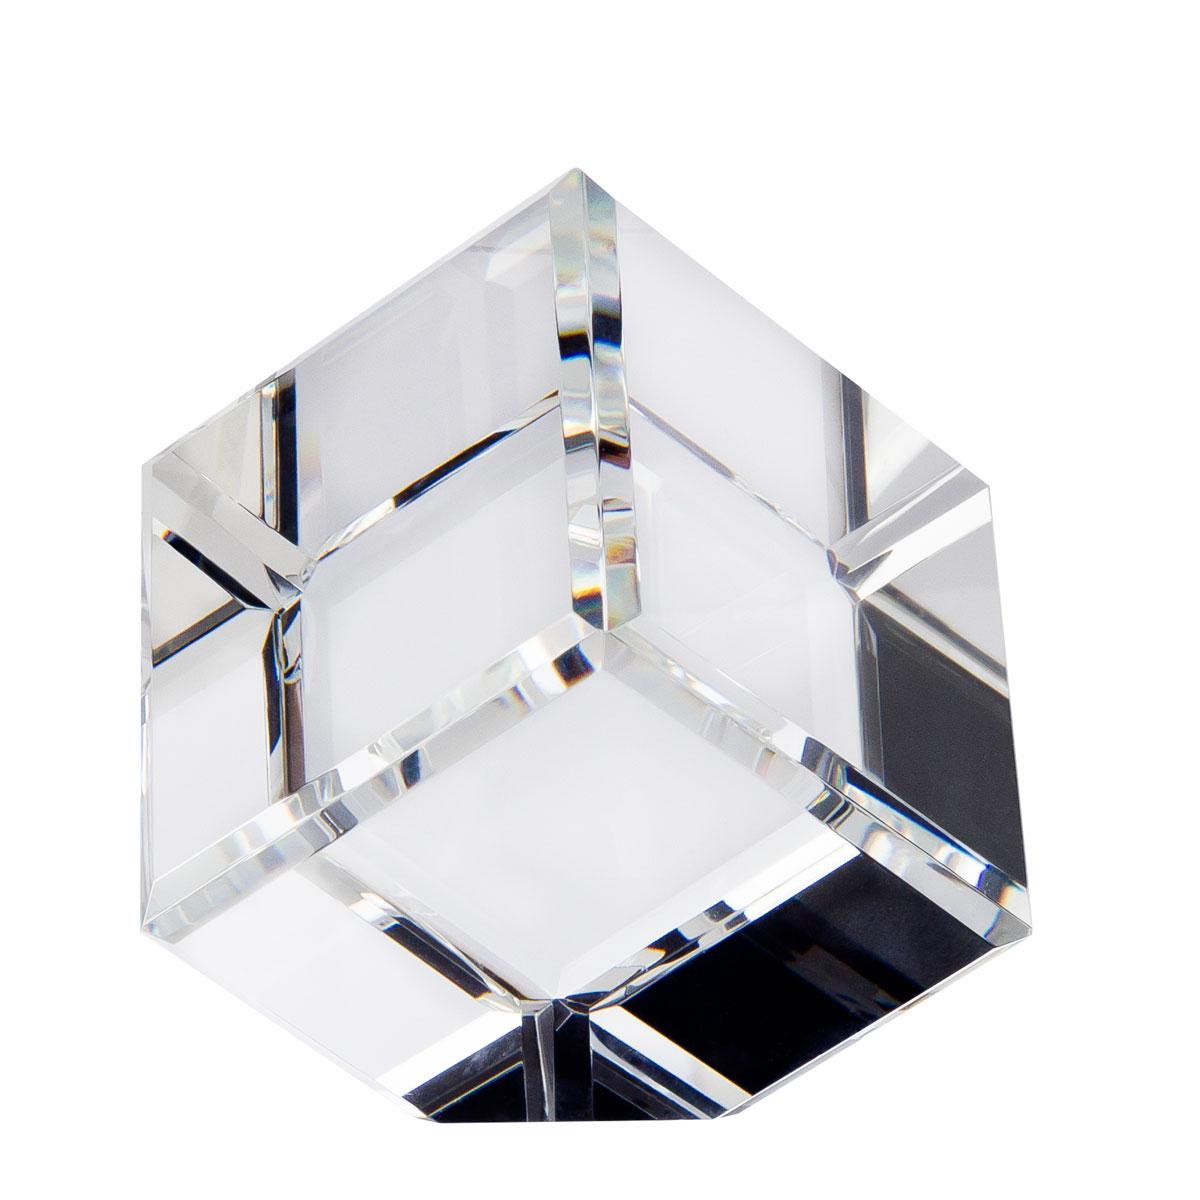 Orrefors Crystal, Iconic Large Award